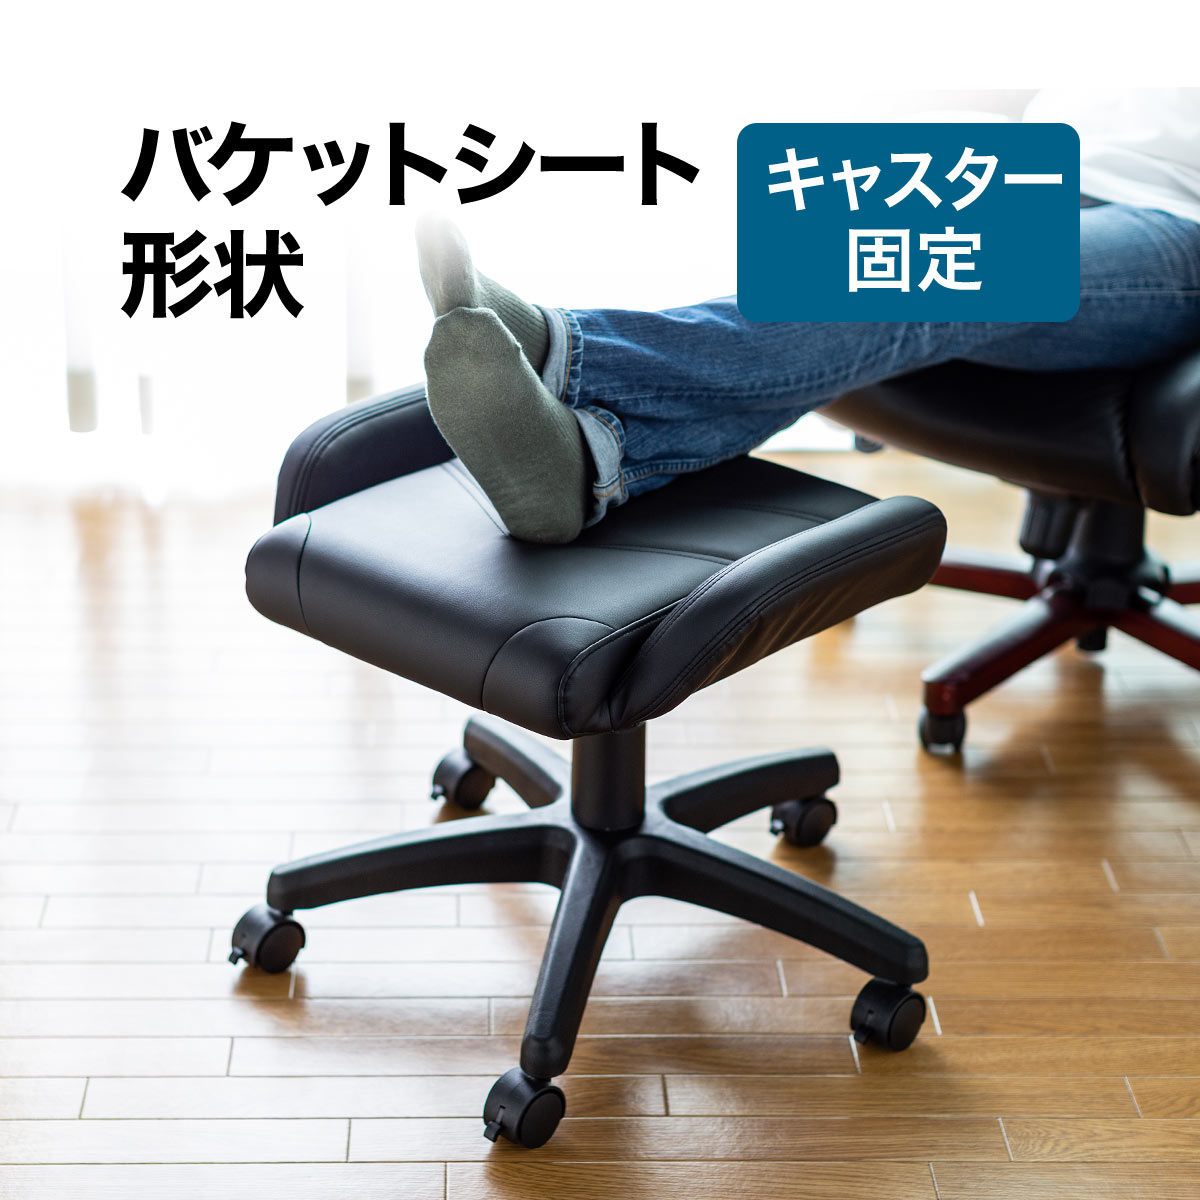 オットマン 足置き ゲーミング バケットシート形状 キャスター付き ストッパー スツール オットマンチェア 椅子 イス いす チェアー ブラック